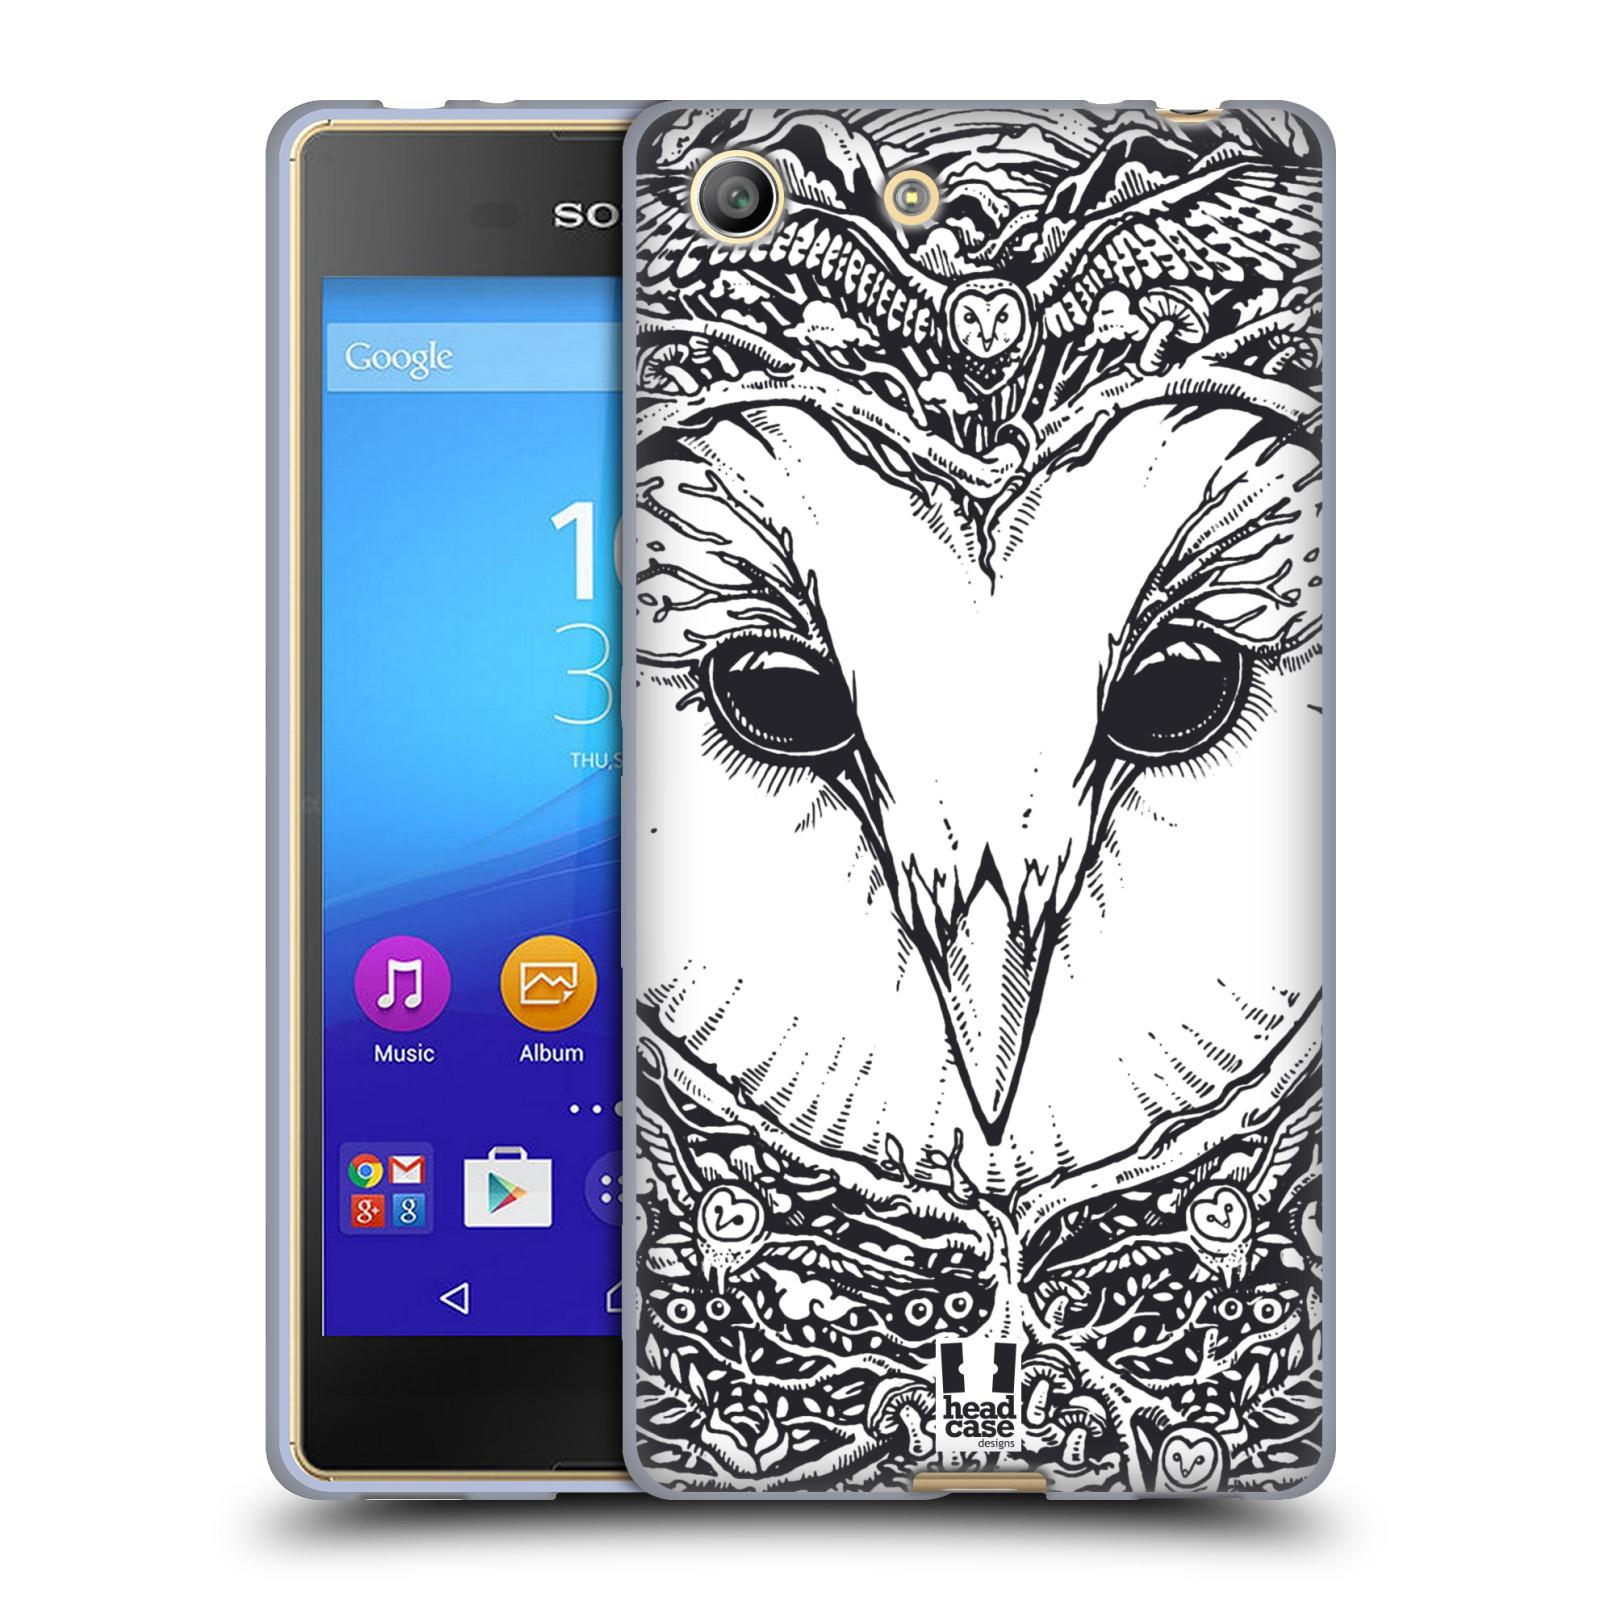 Silikonové pouzdro na mobil Sony Xperia M5 HEAD CASE DOODLE TVÁŘ SOVA (Silikonový kryt či obal na mobilní telefon Sony Xperia M5 Dual SIM / Aqua)